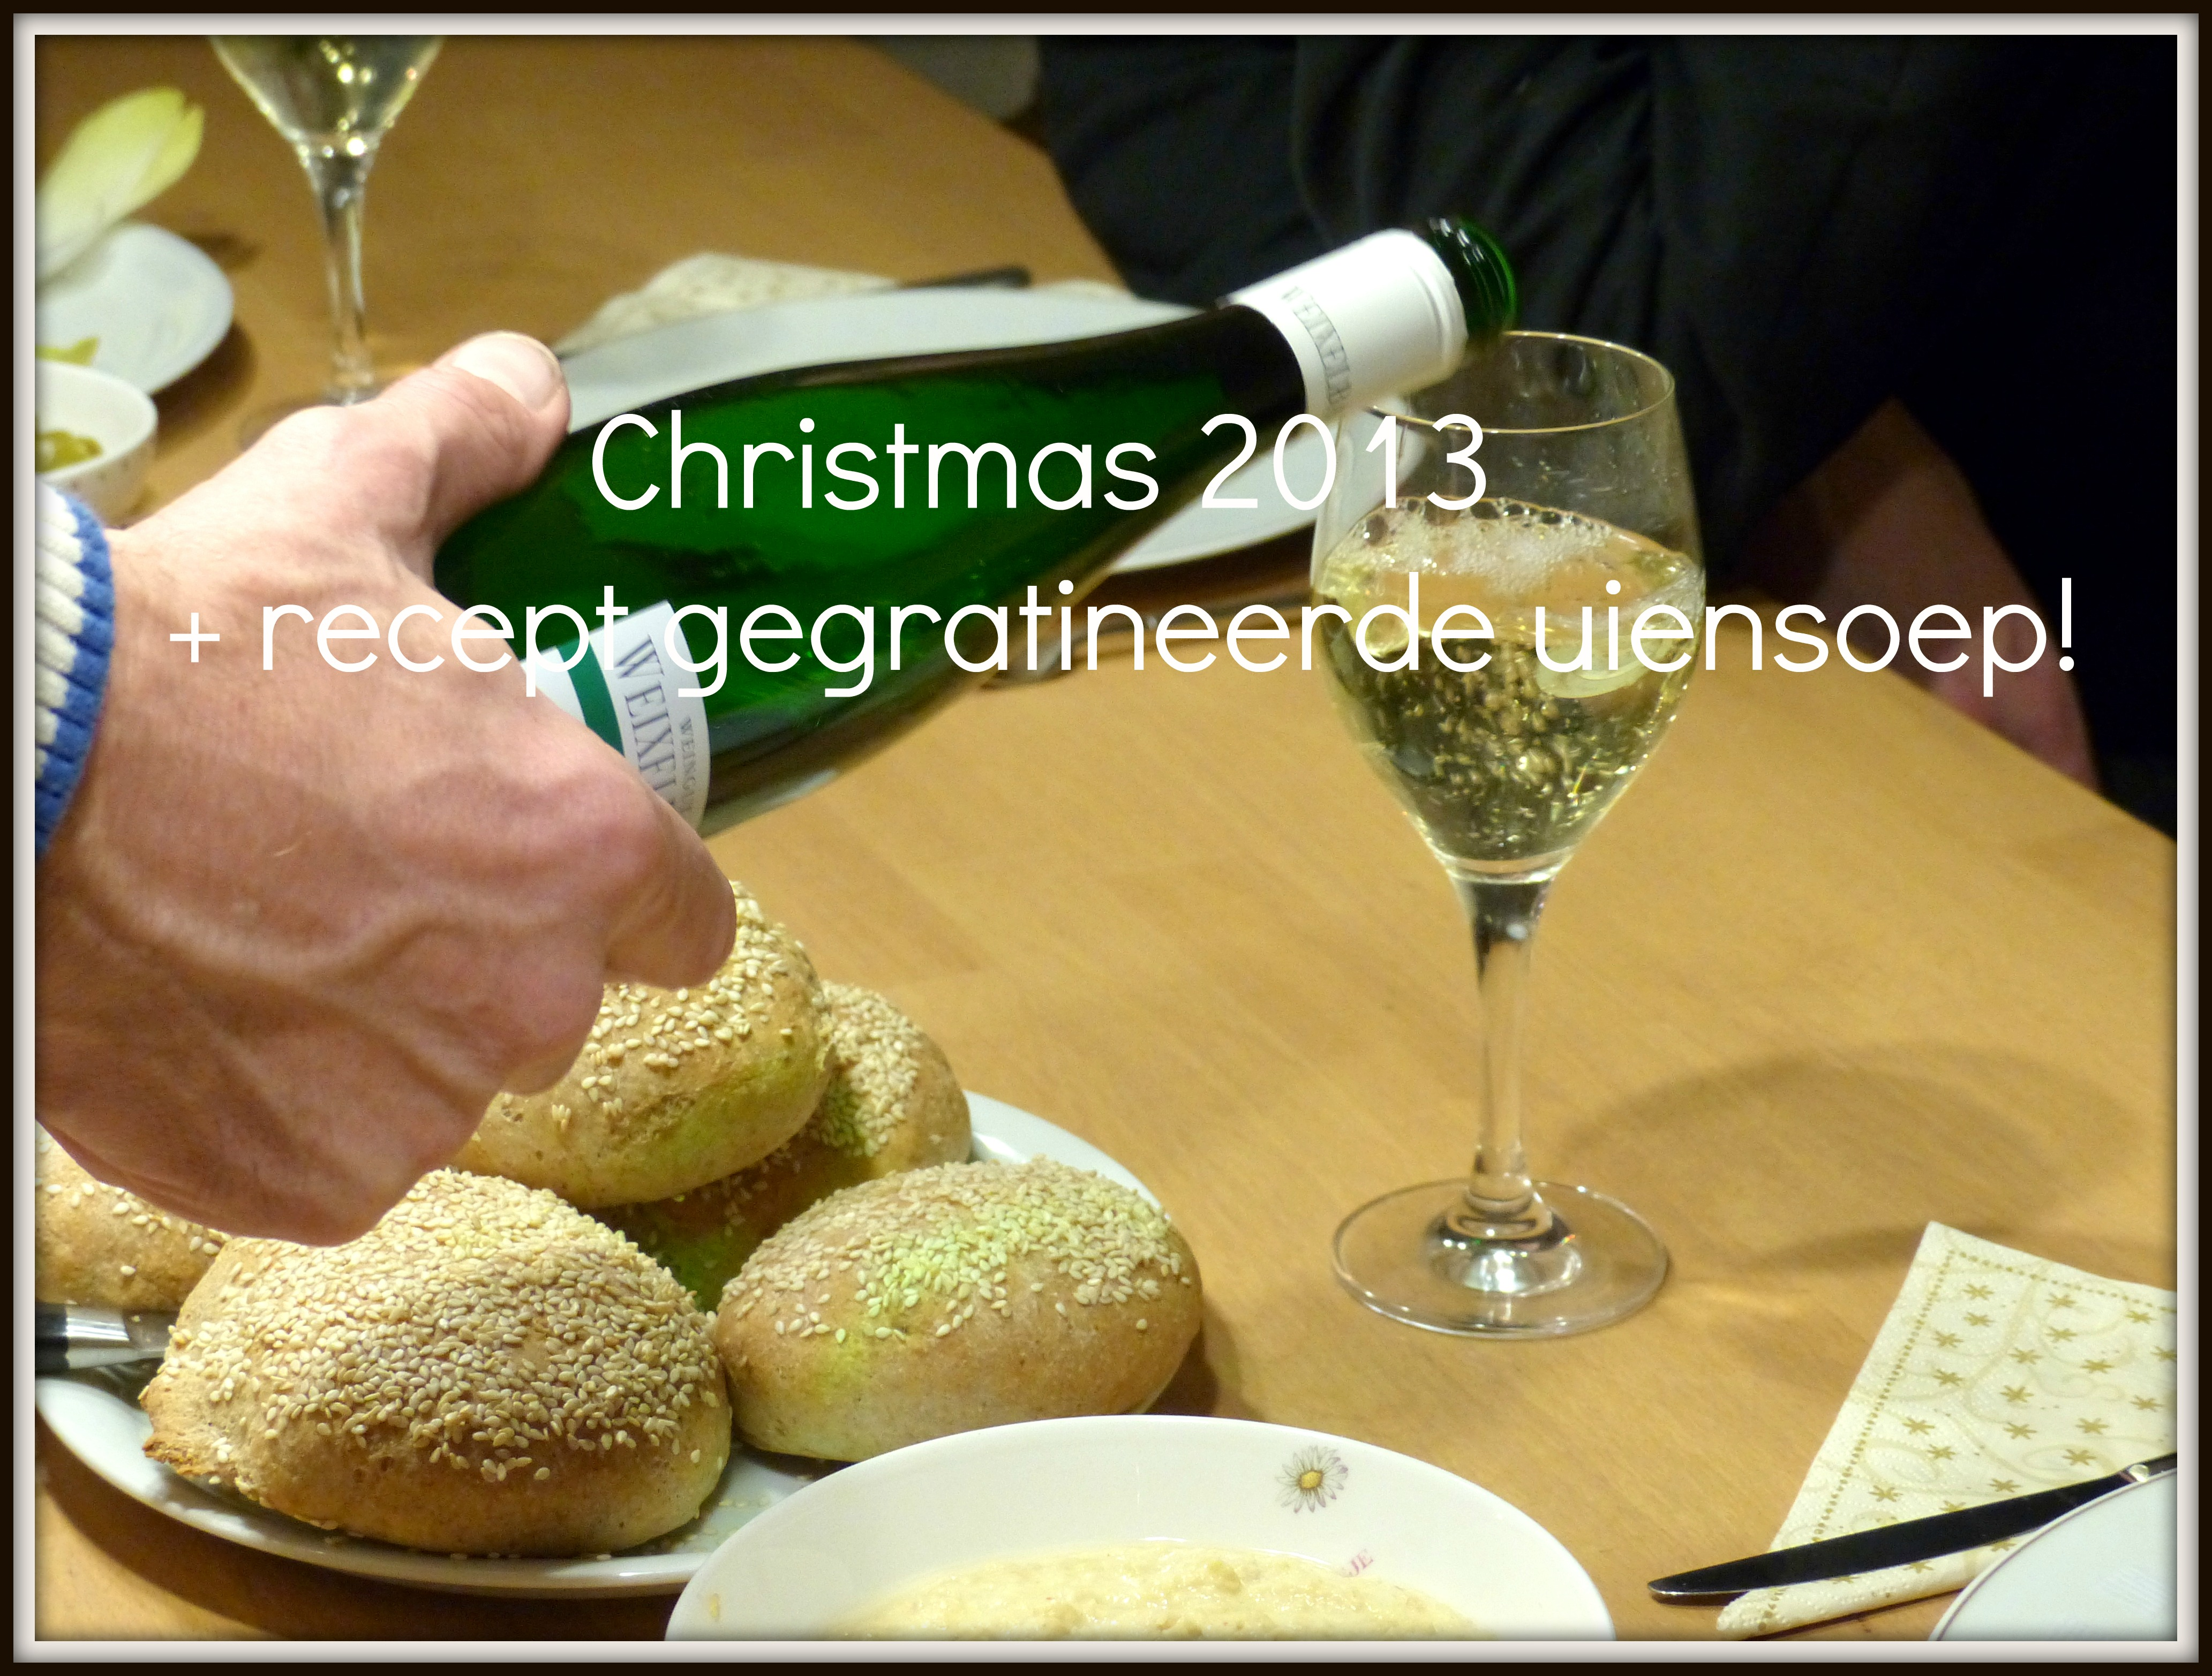 uiensoep maken zonder wijn